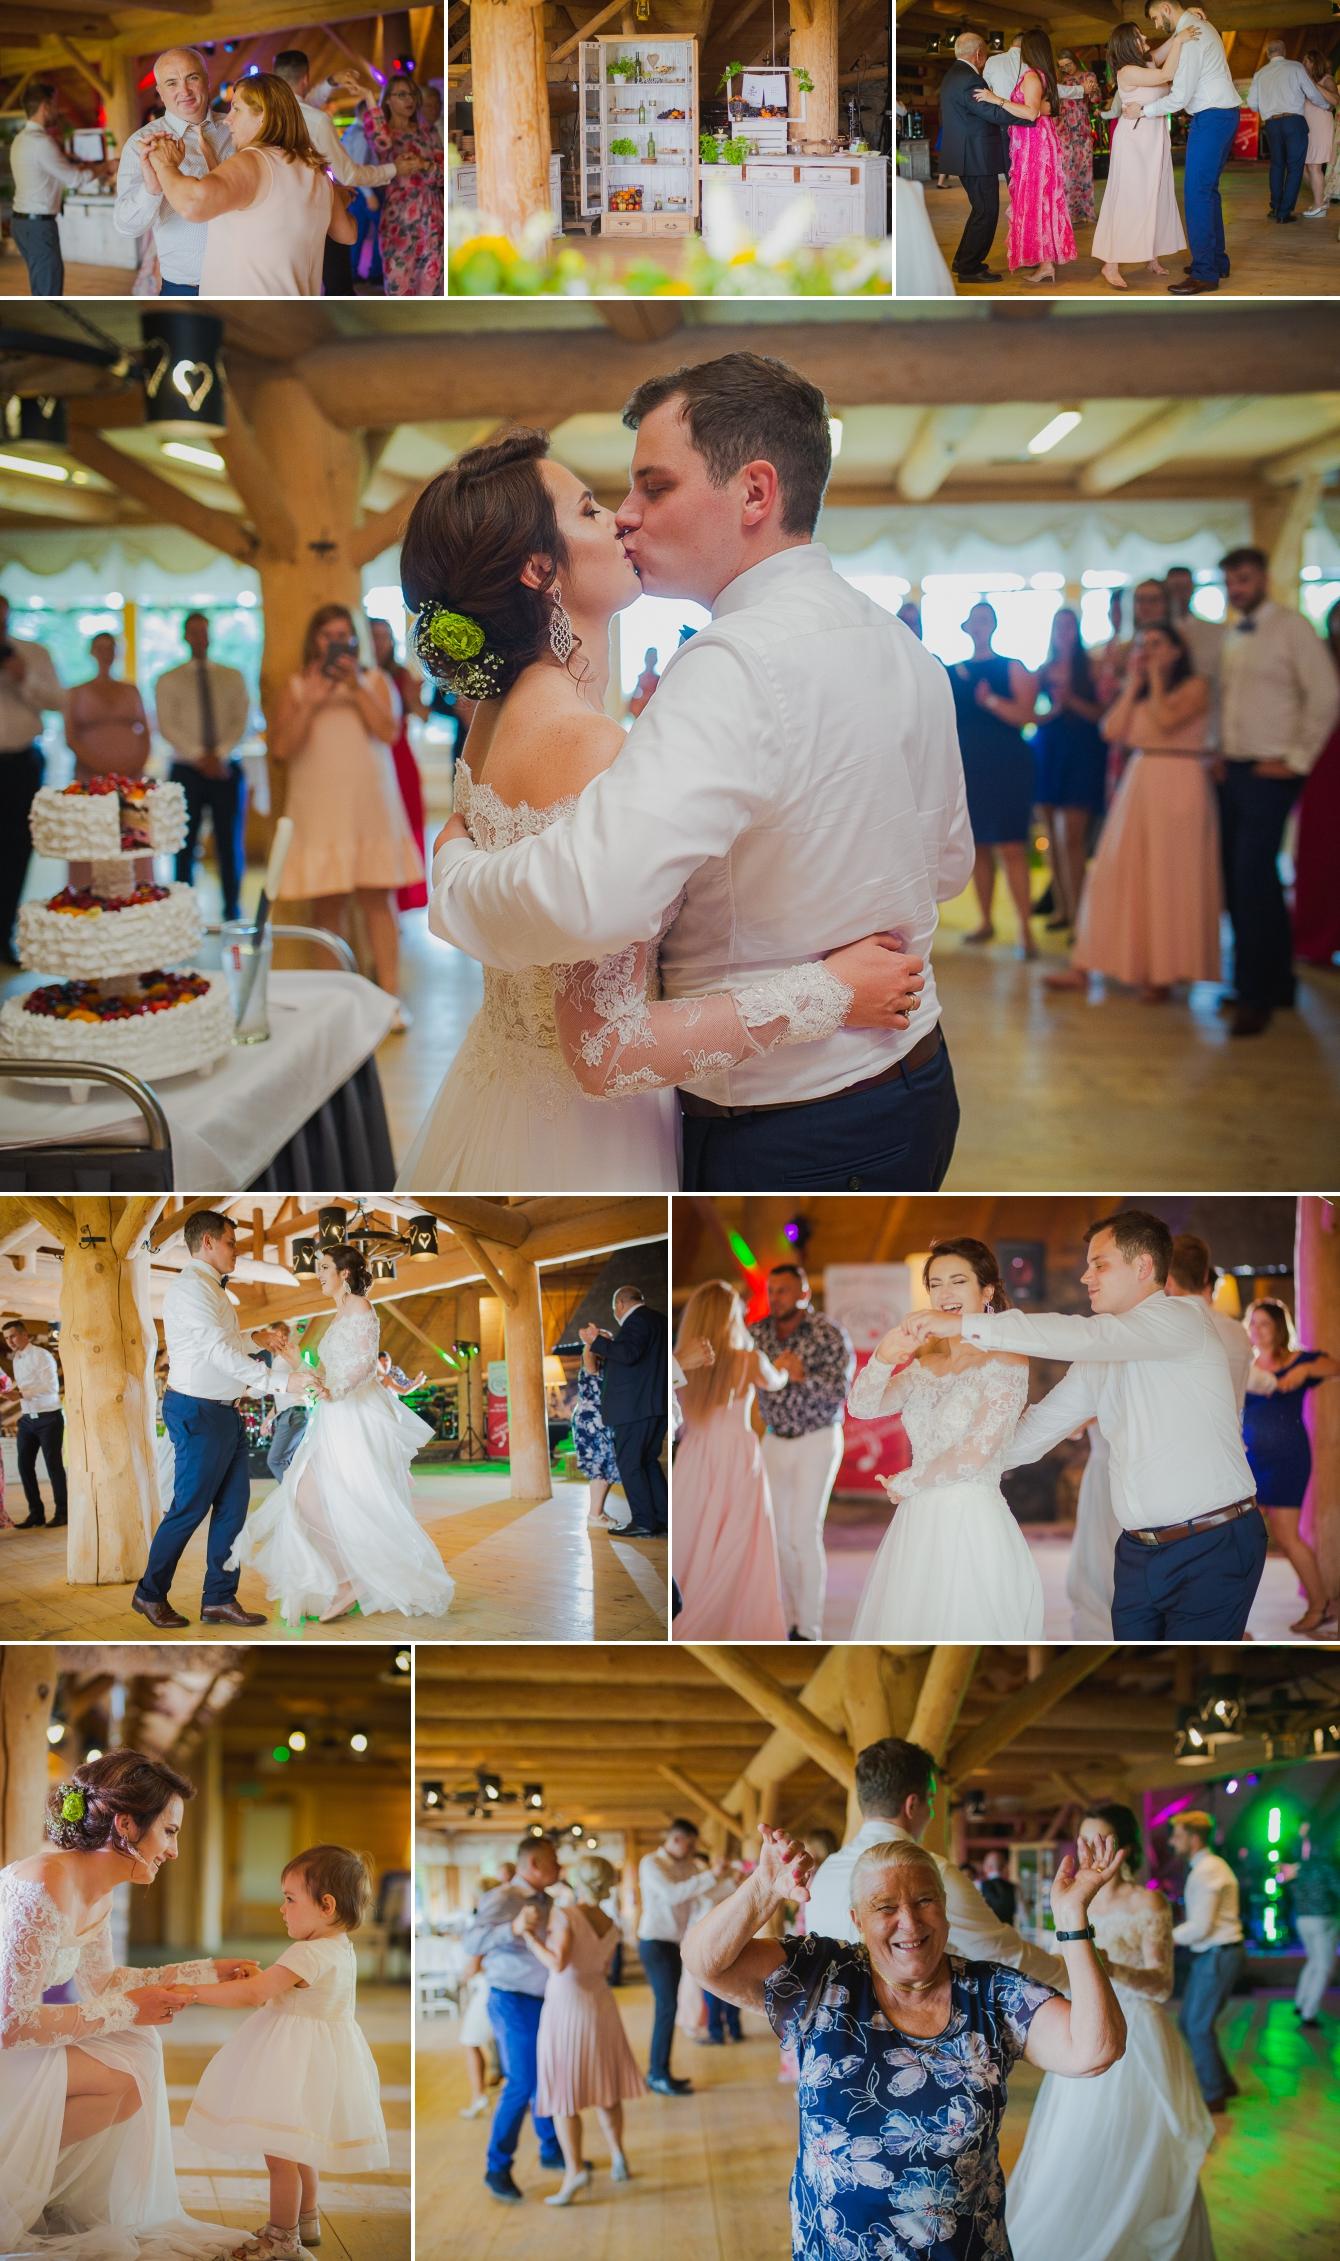 Ania i Damian - ślub w górach - Kocierz SPA - fotografia ślubna - bartek Wyrobek  (19).jpg